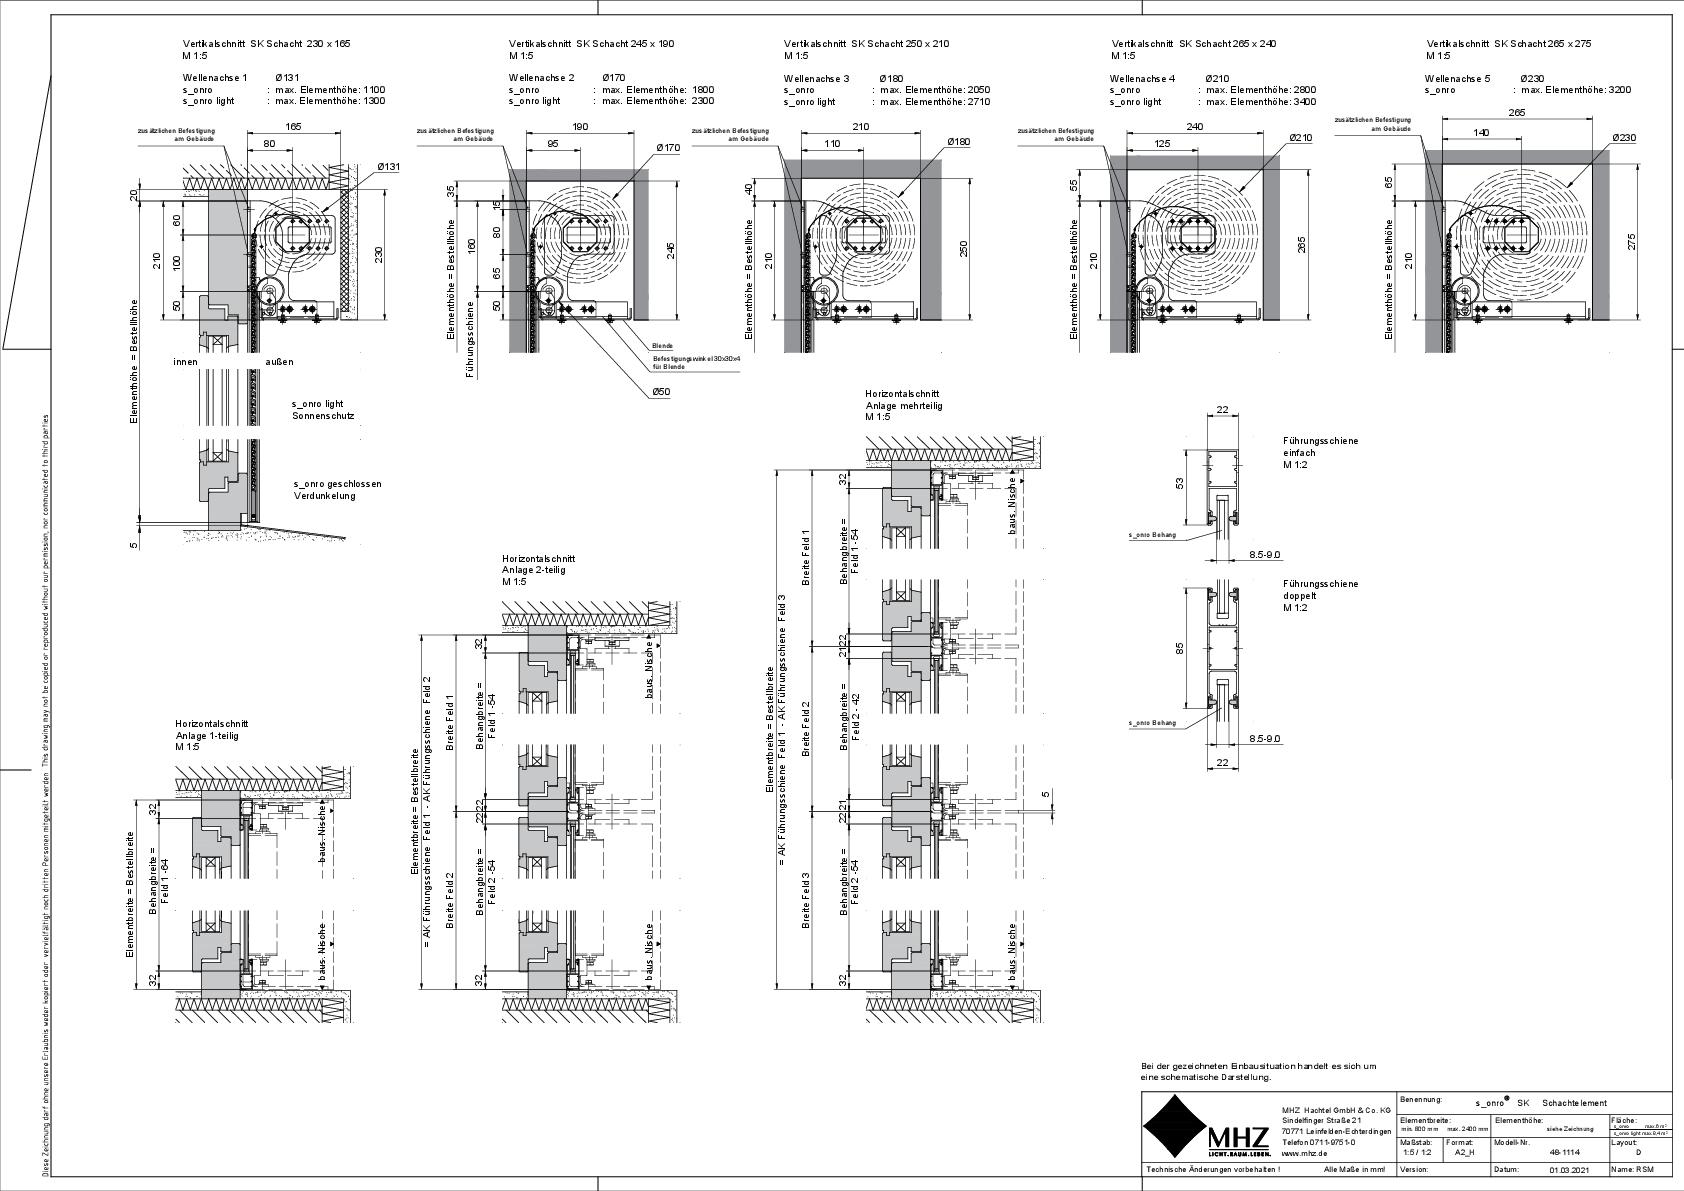 Technische Zeichnung pdf Metallbehang s_onro Schacht SK